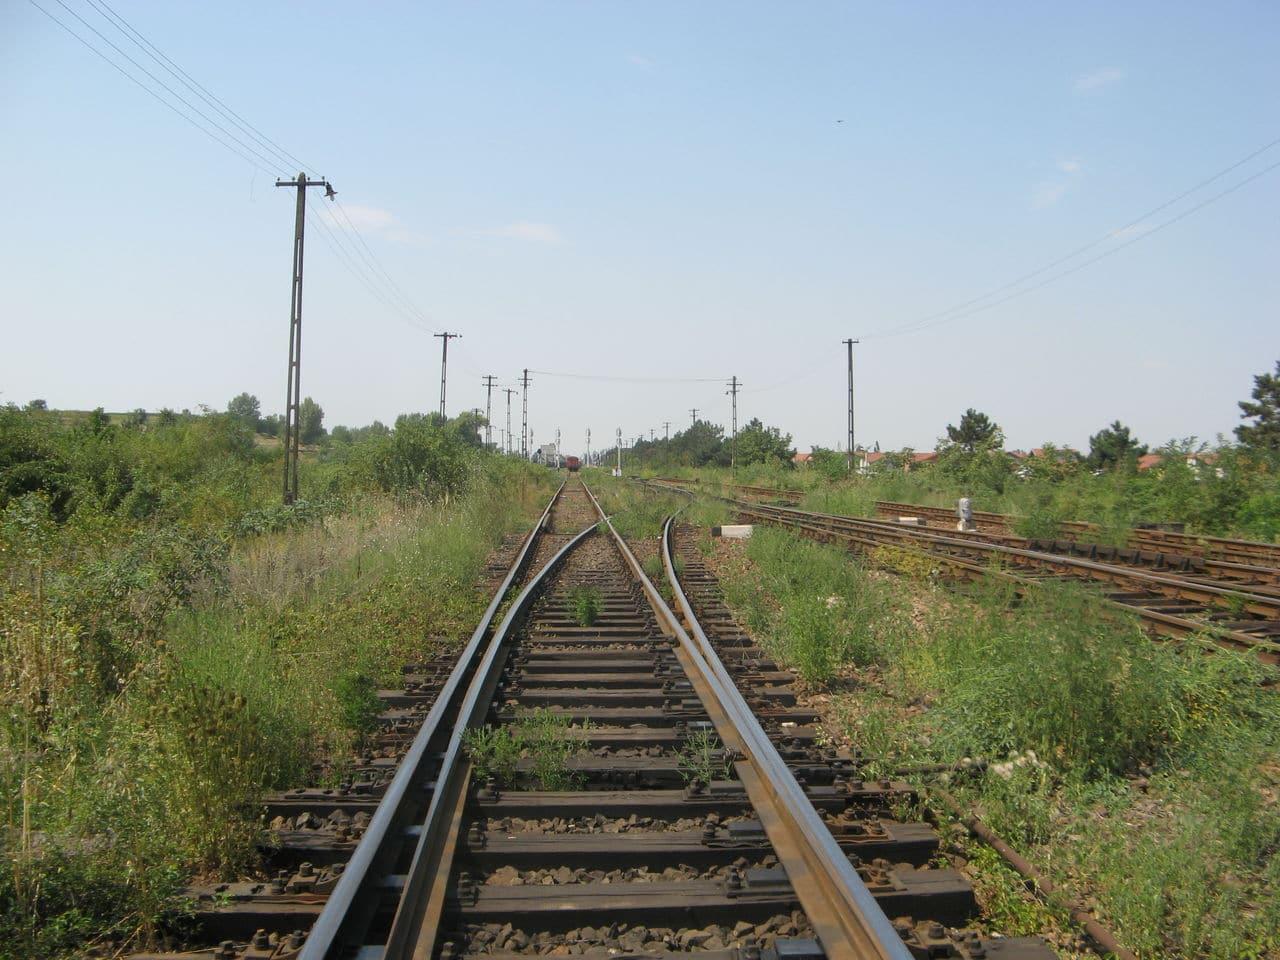 Calea ferată directă Oradea Vest - Episcopia Bihor IMG_0072